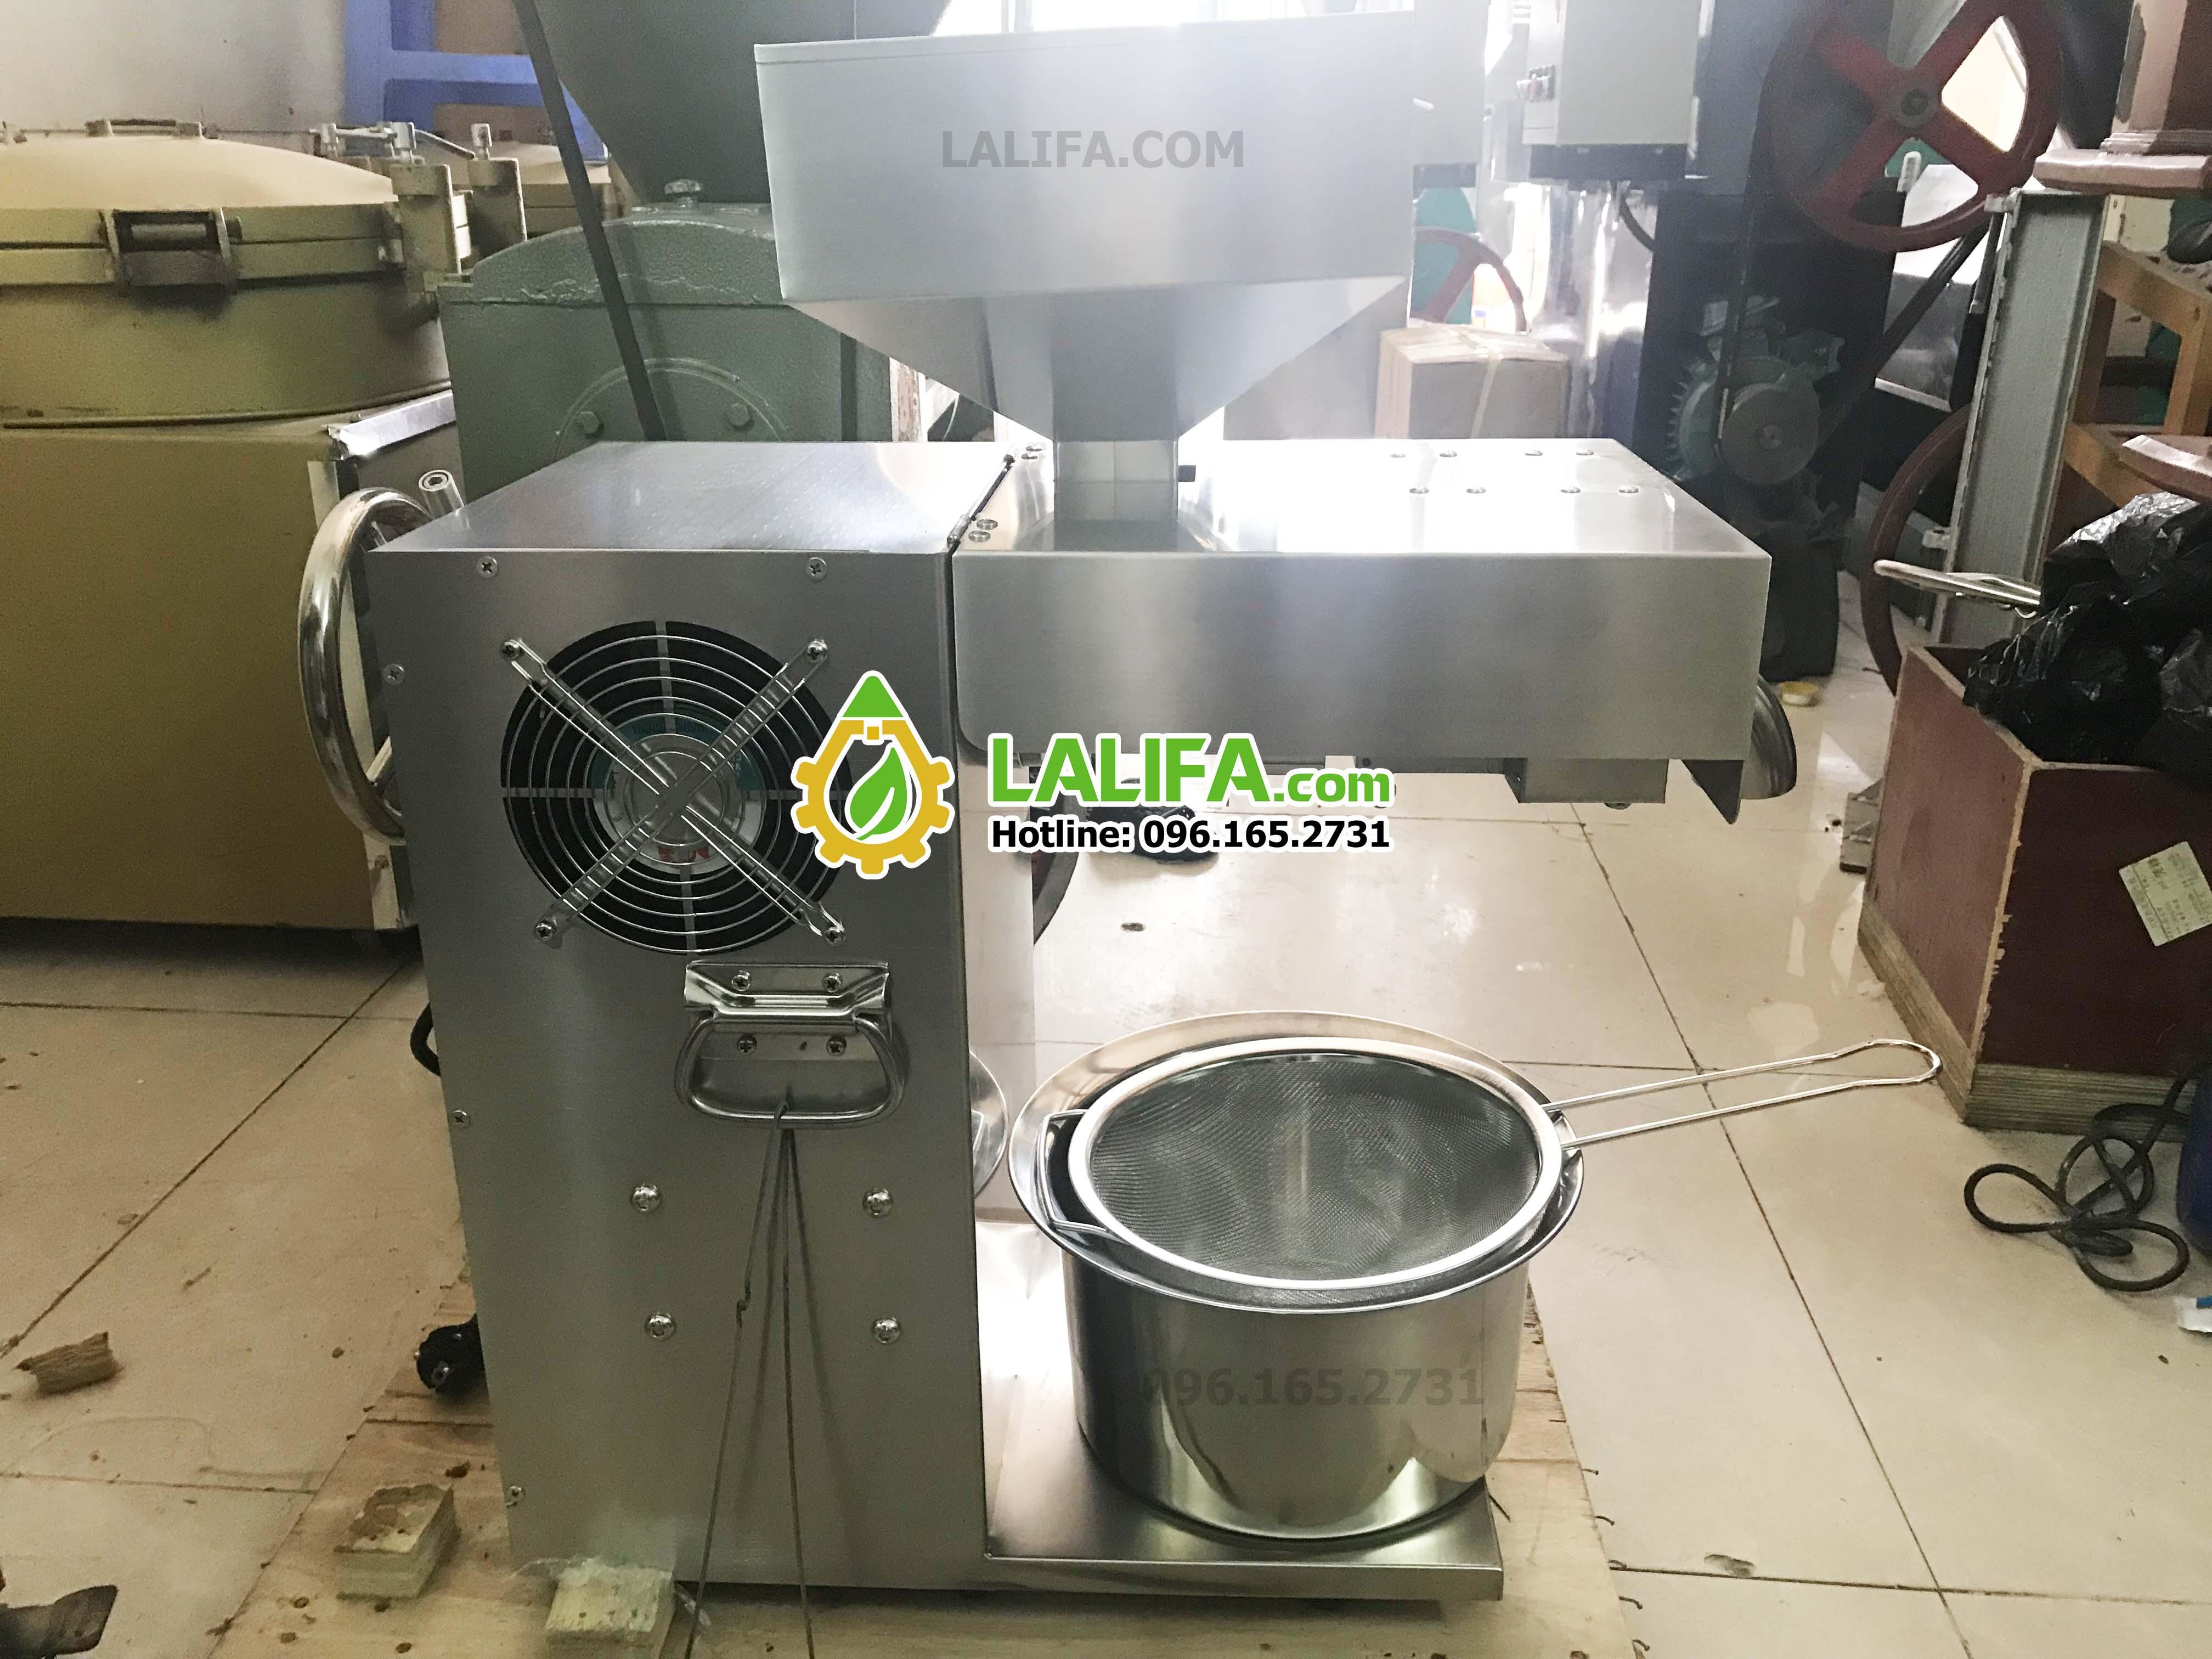 Máy ép dầu Lạc Lalifa21 10-20kg/h - 4